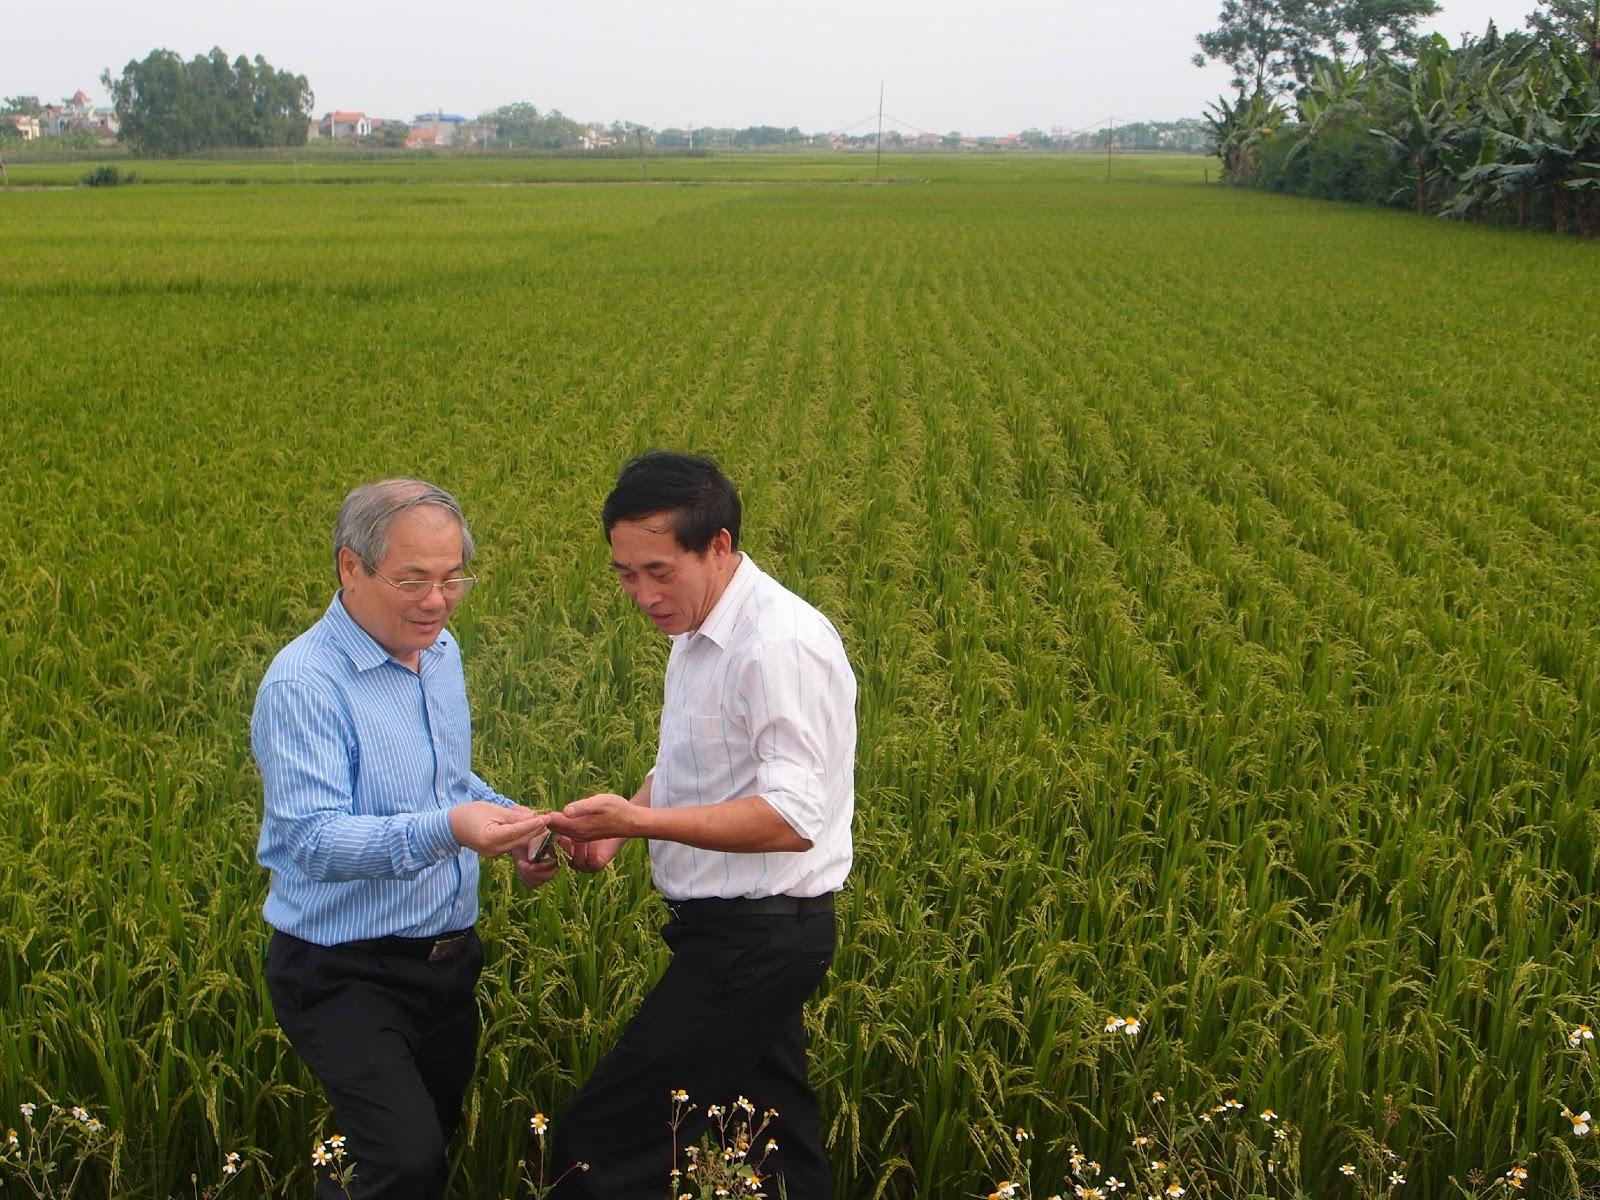 """Kiểm tra mô hình dự án """"Áp dụng công nghệ sinh học để sản xuất giá thể mạ và mạ công nghiệp phục vụ cơ giới hóa trong sản xuất nông nghiệp tại Thành phố Hà Nội"""""""